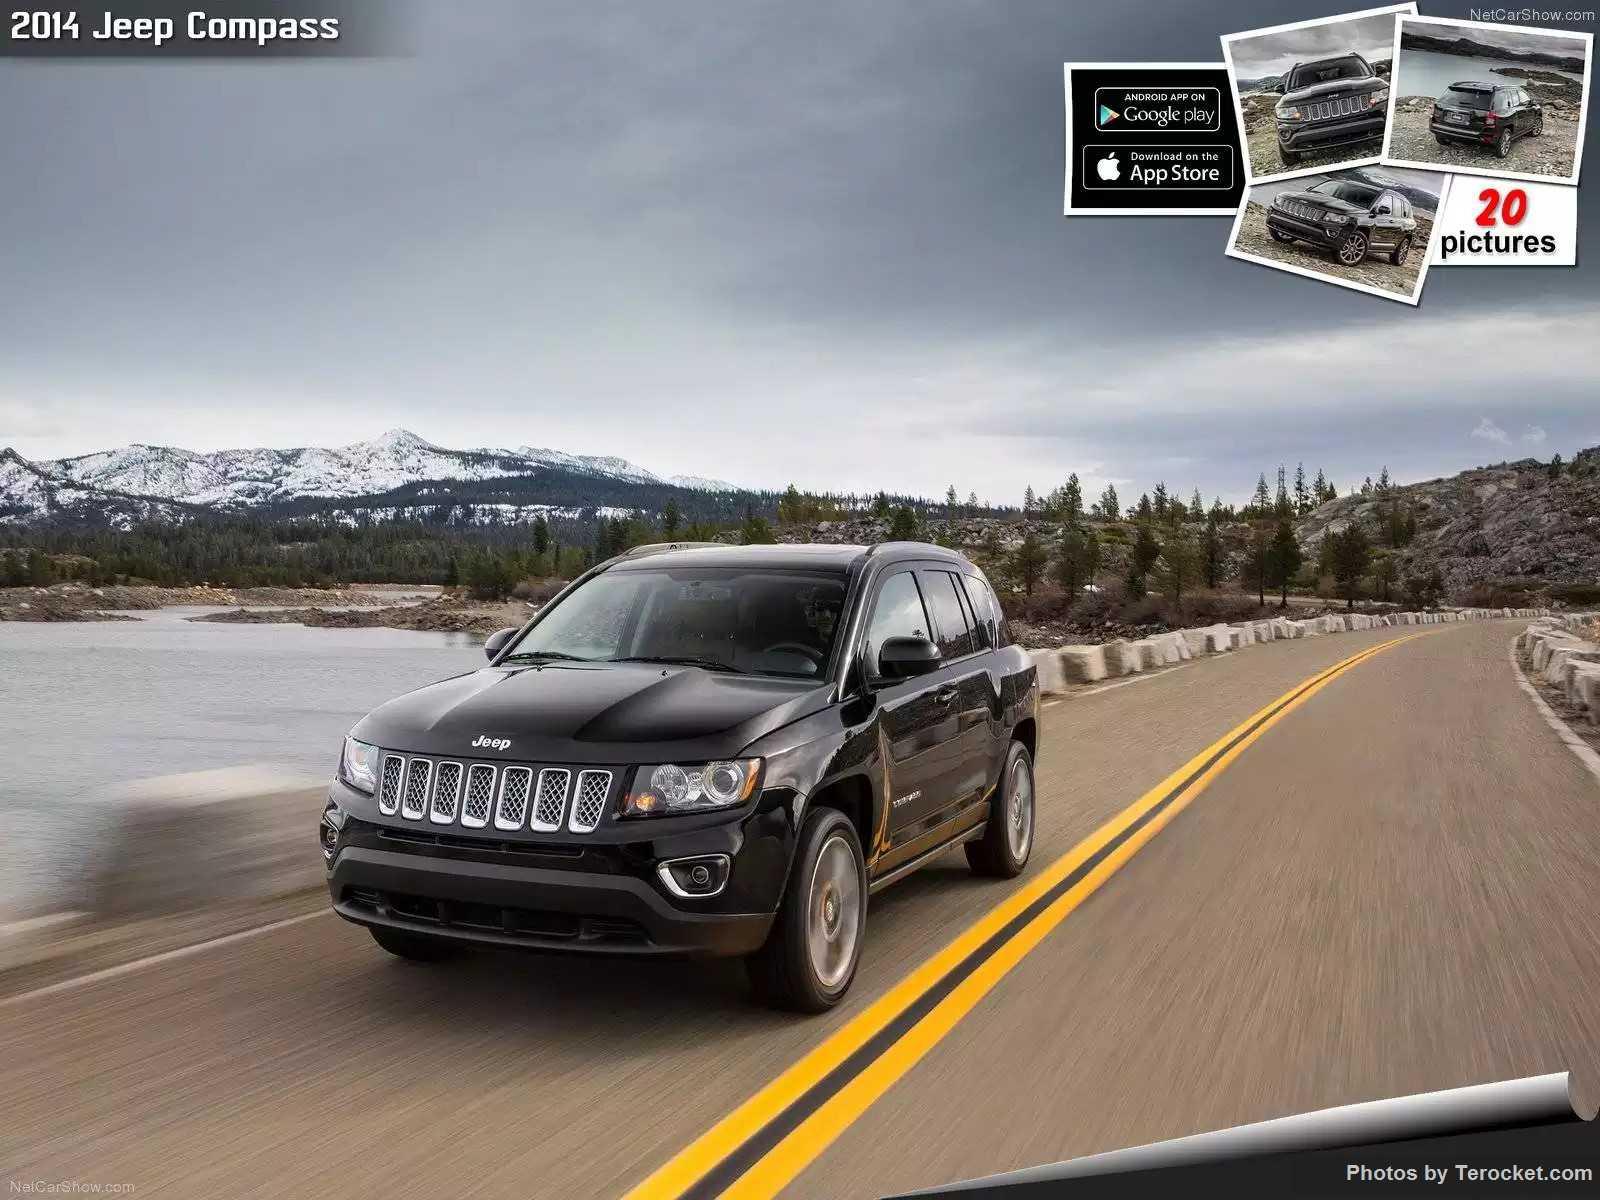 Hình ảnh xe ô tô Jeep Compass 2014 & nội ngoại thất